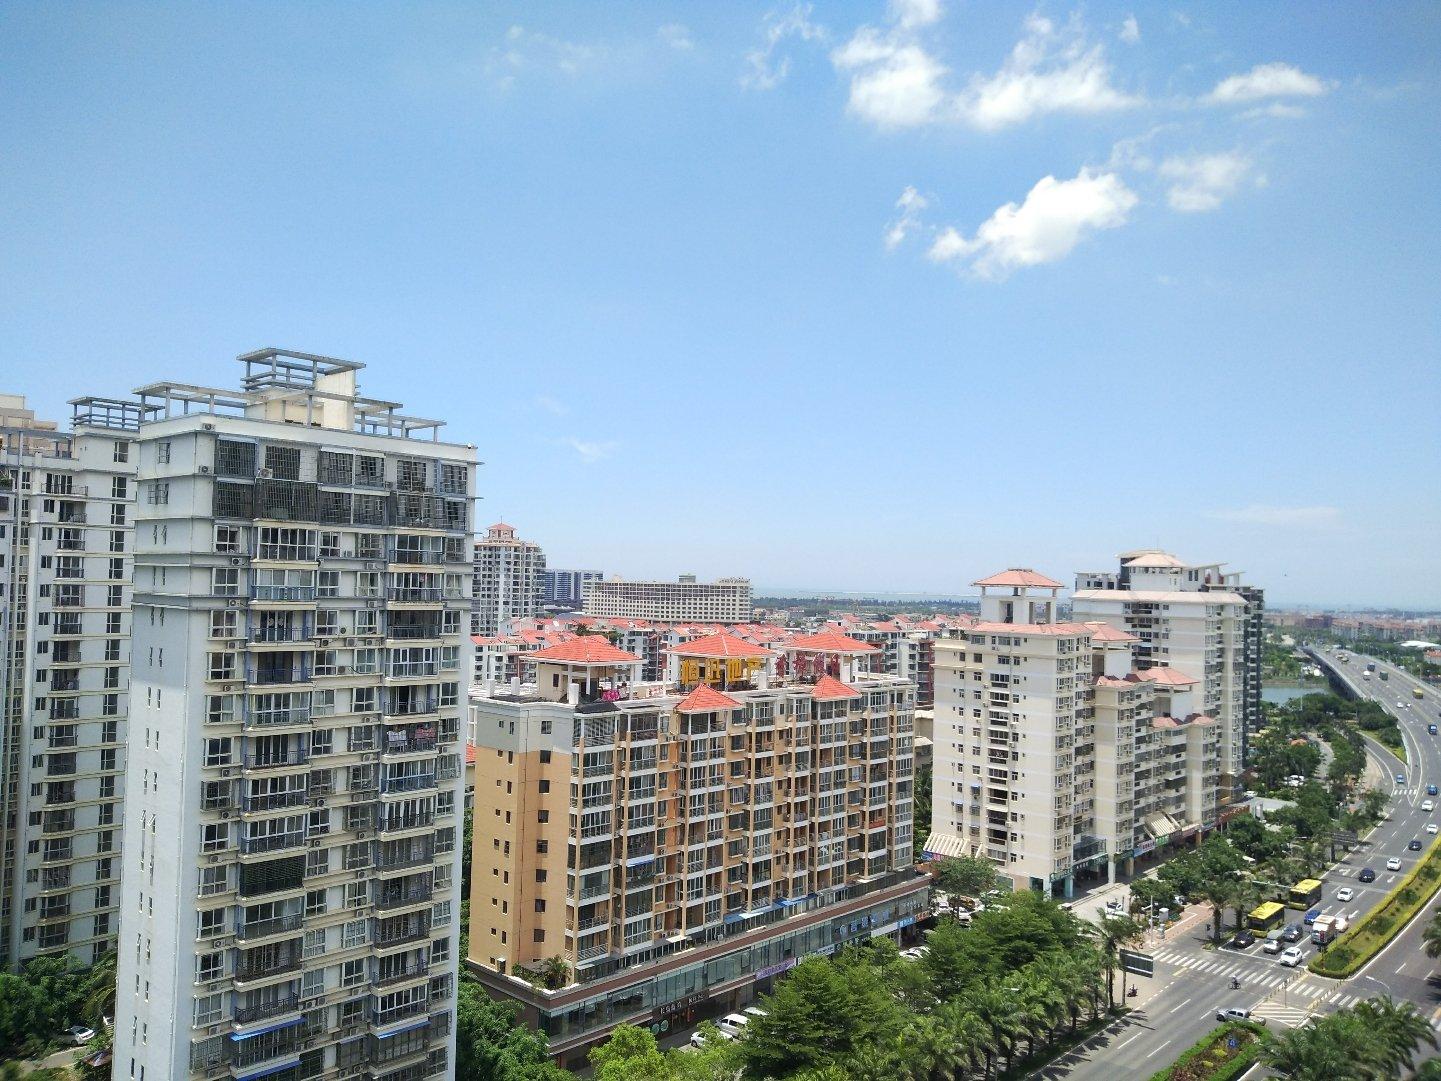 海南省海口市美兰区海甸街道和平大道52号天气预报